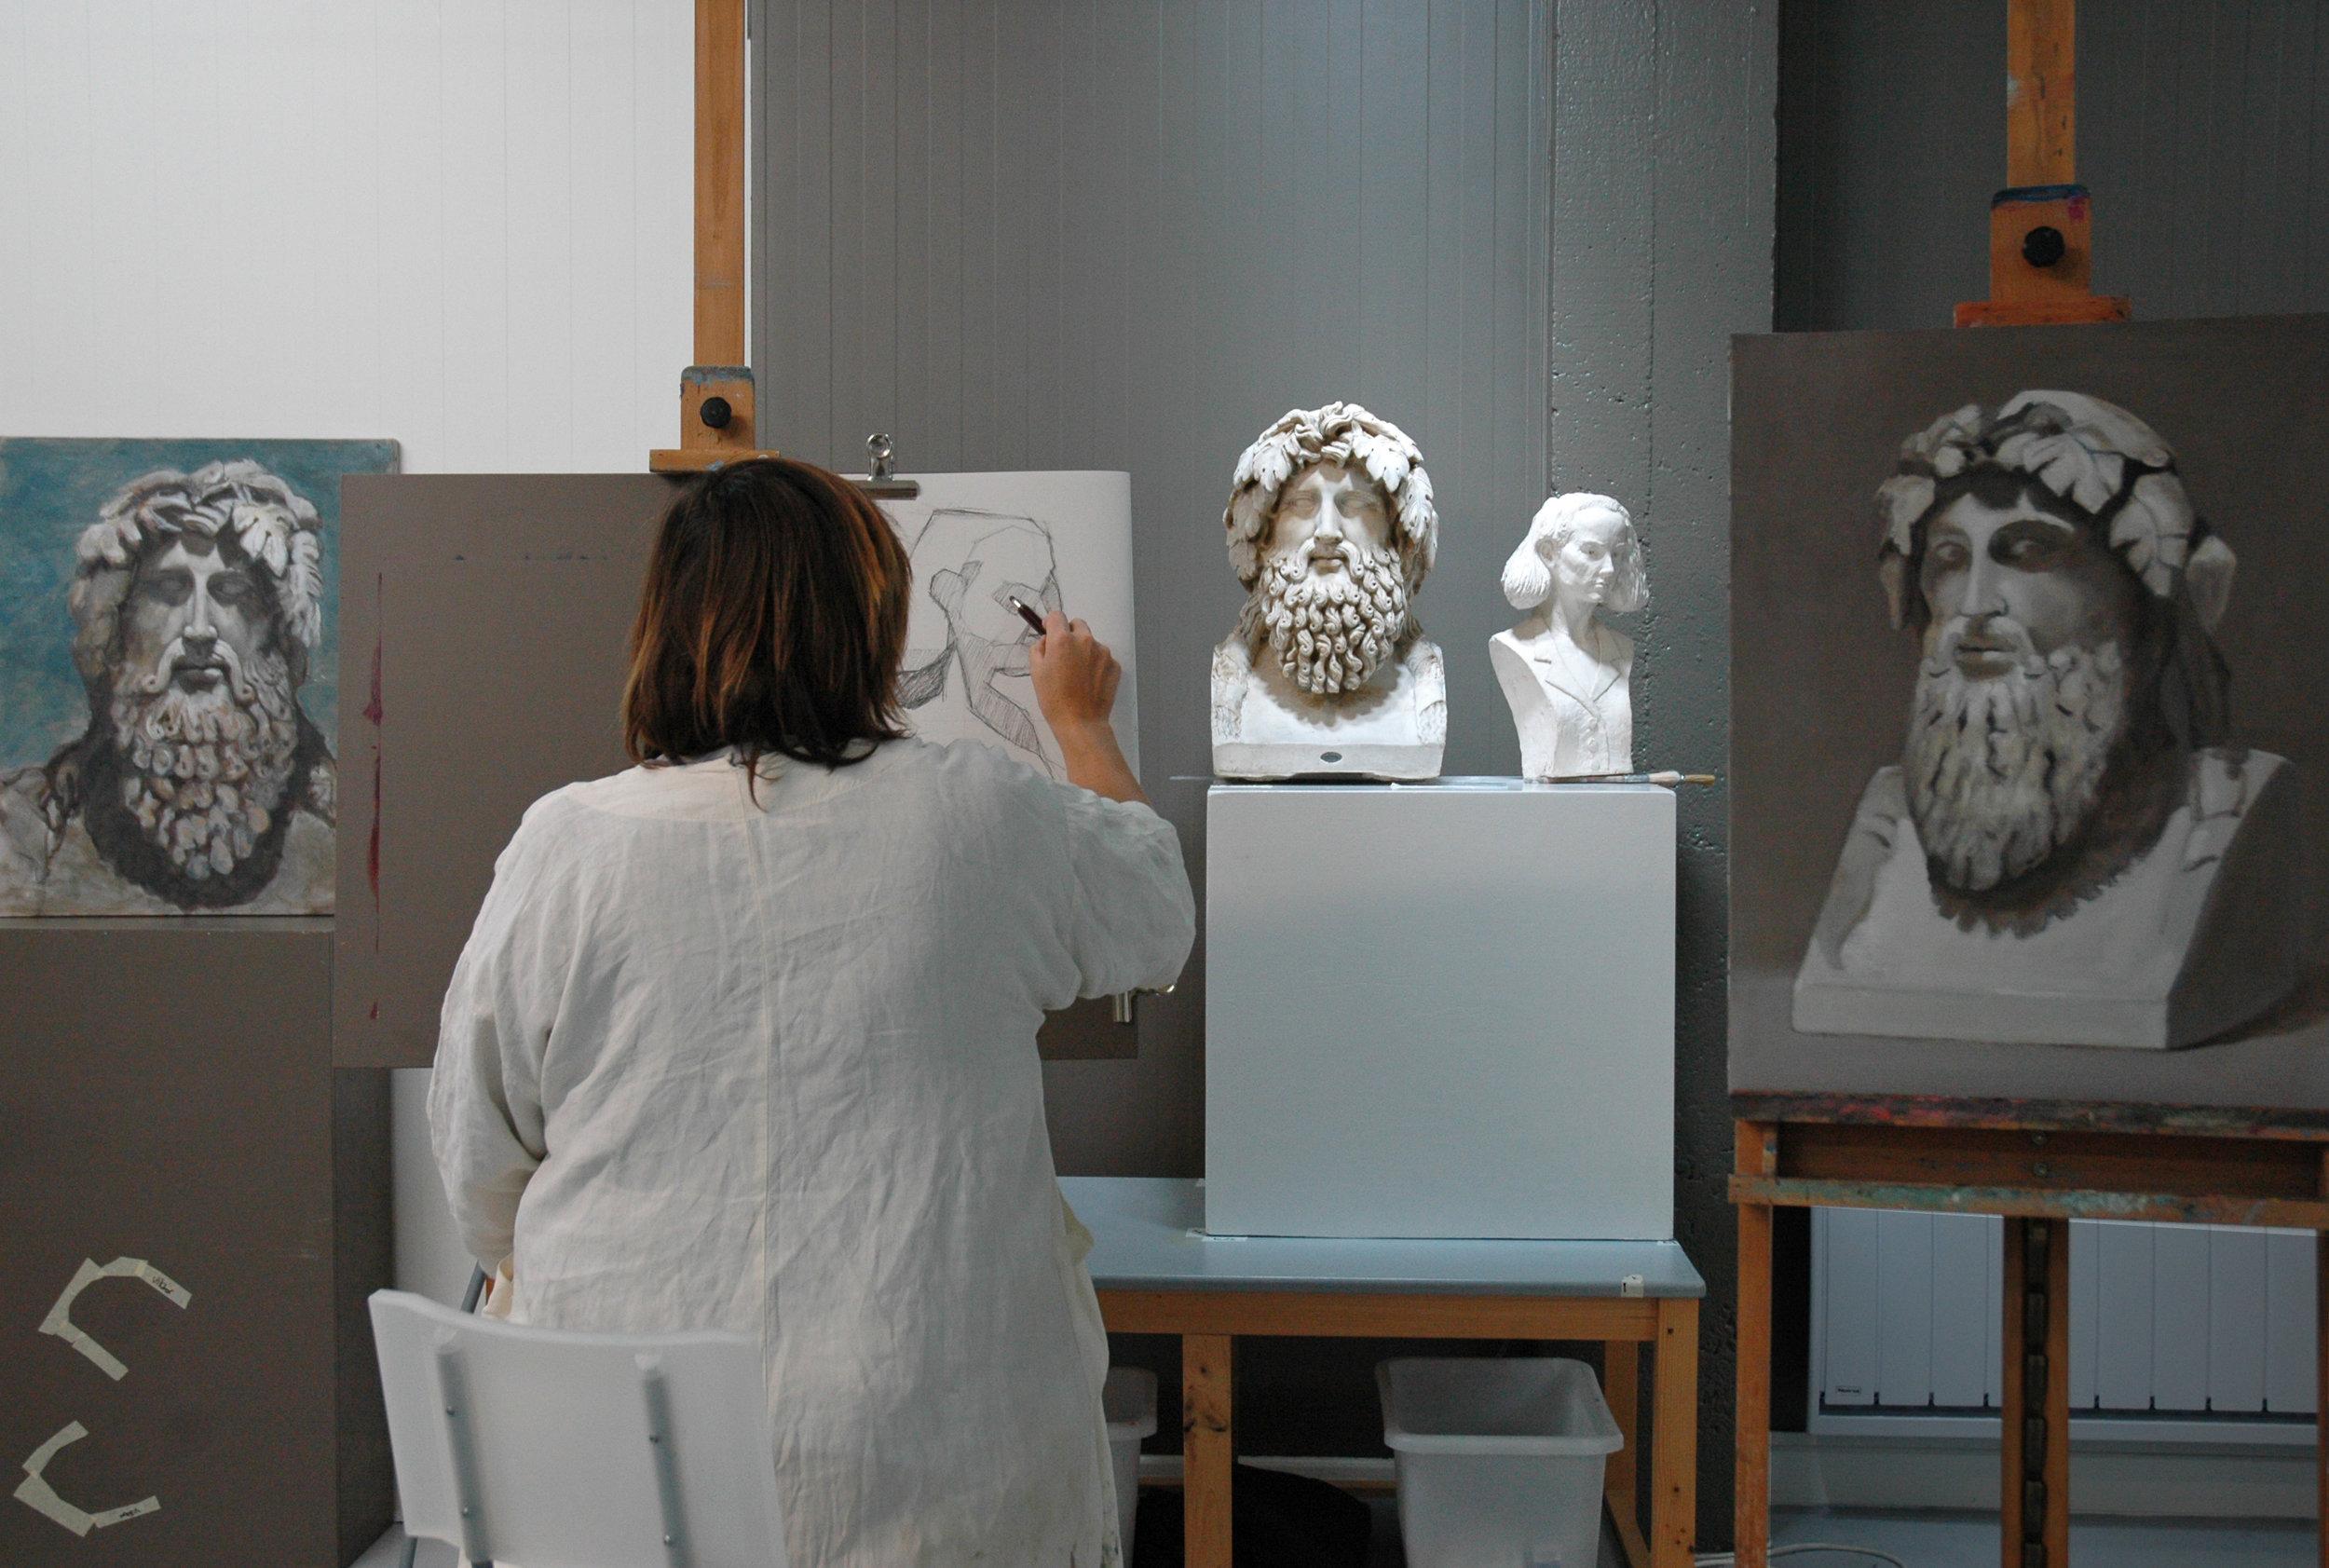 cours-dessin-peinture-montreuil-paris.jpg